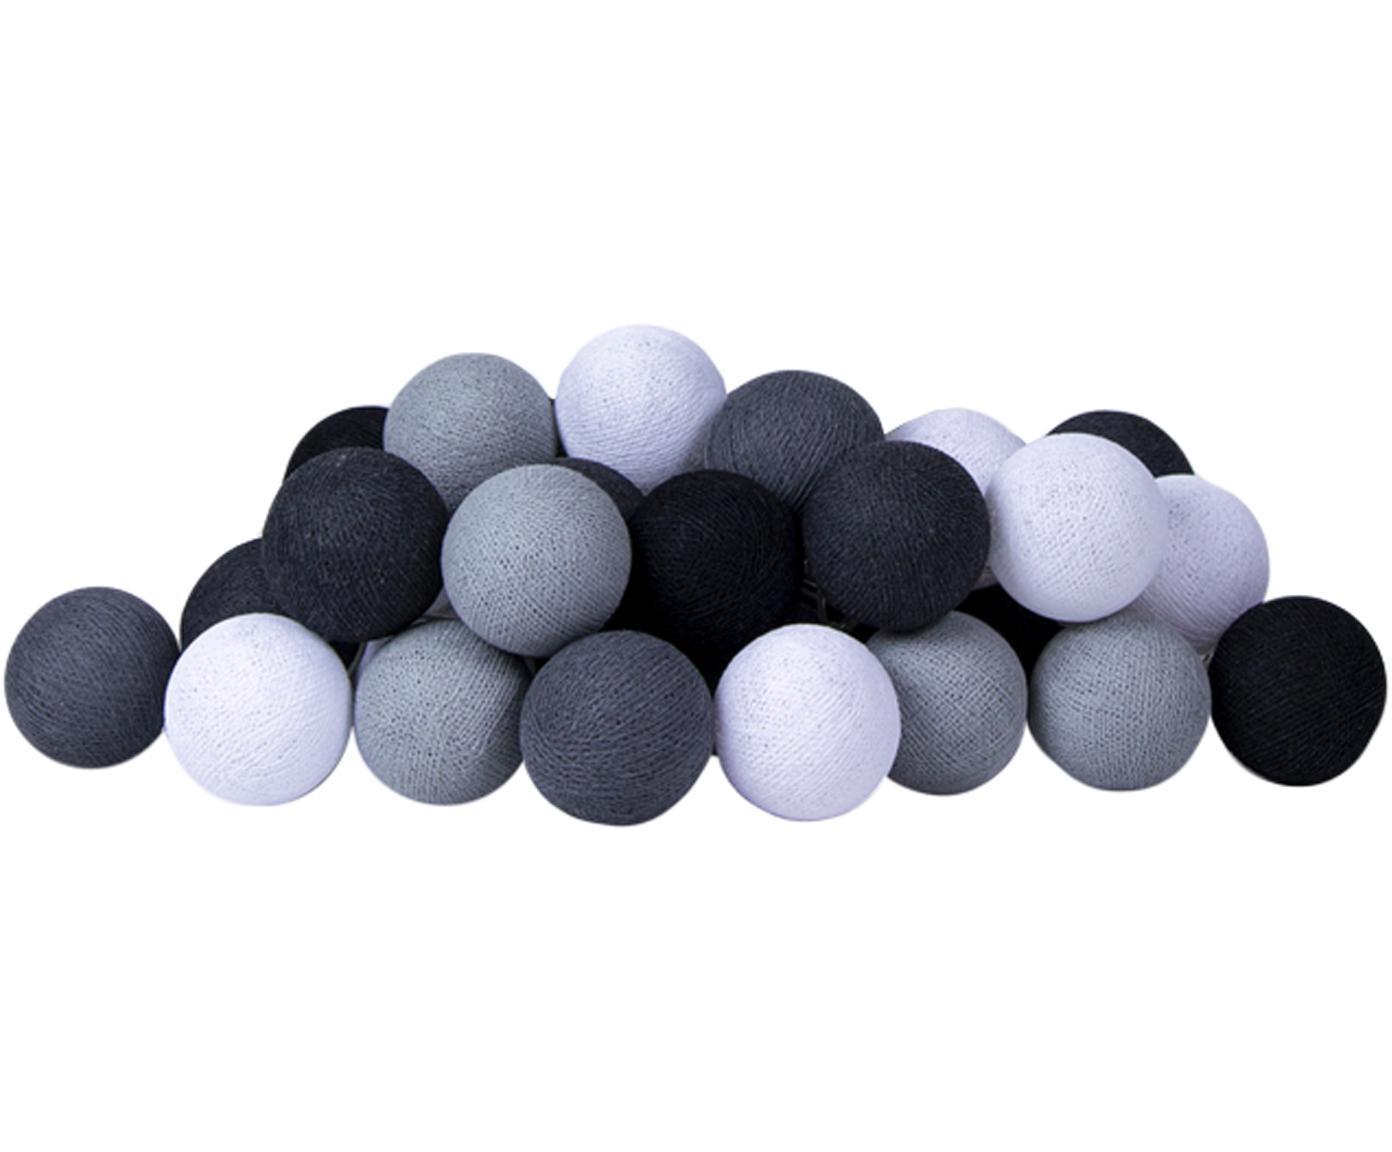 Ghirlanda  a LED Colorain, Nero, tonalità grigie, bianco, Lung. 264 cm